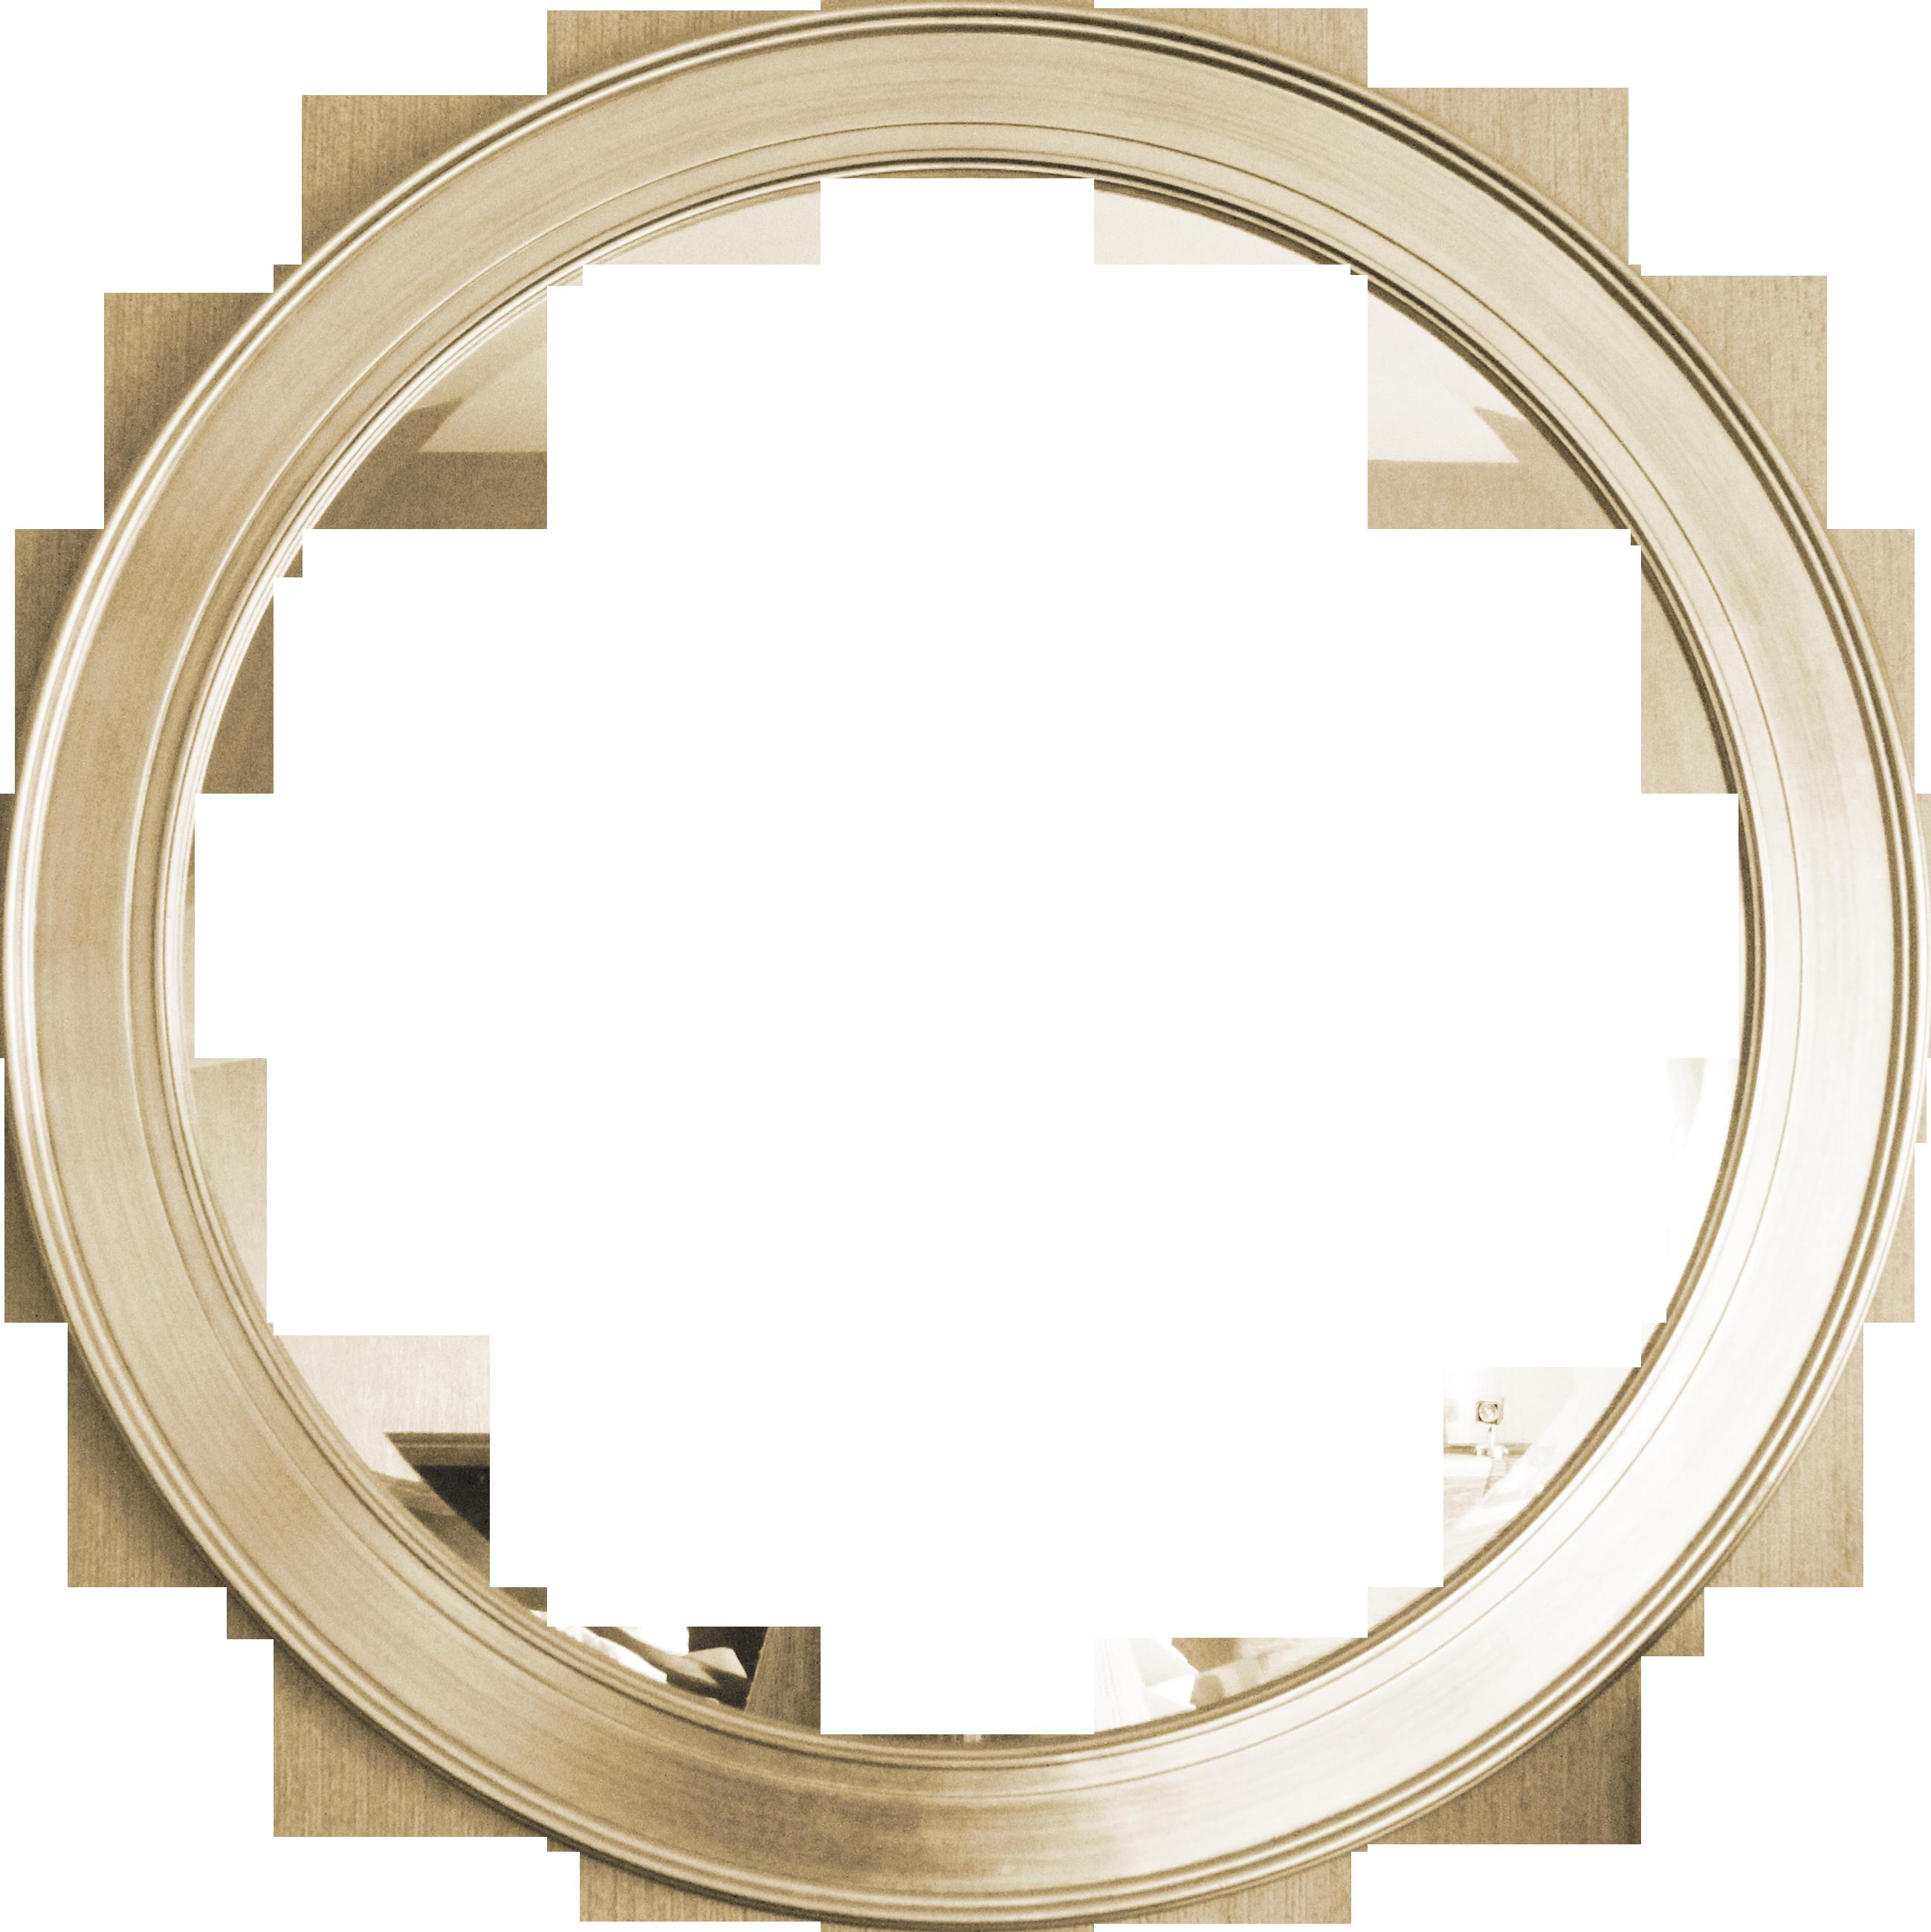 комната планируется рамка круг прозрачная для фото изделие может выбиваться